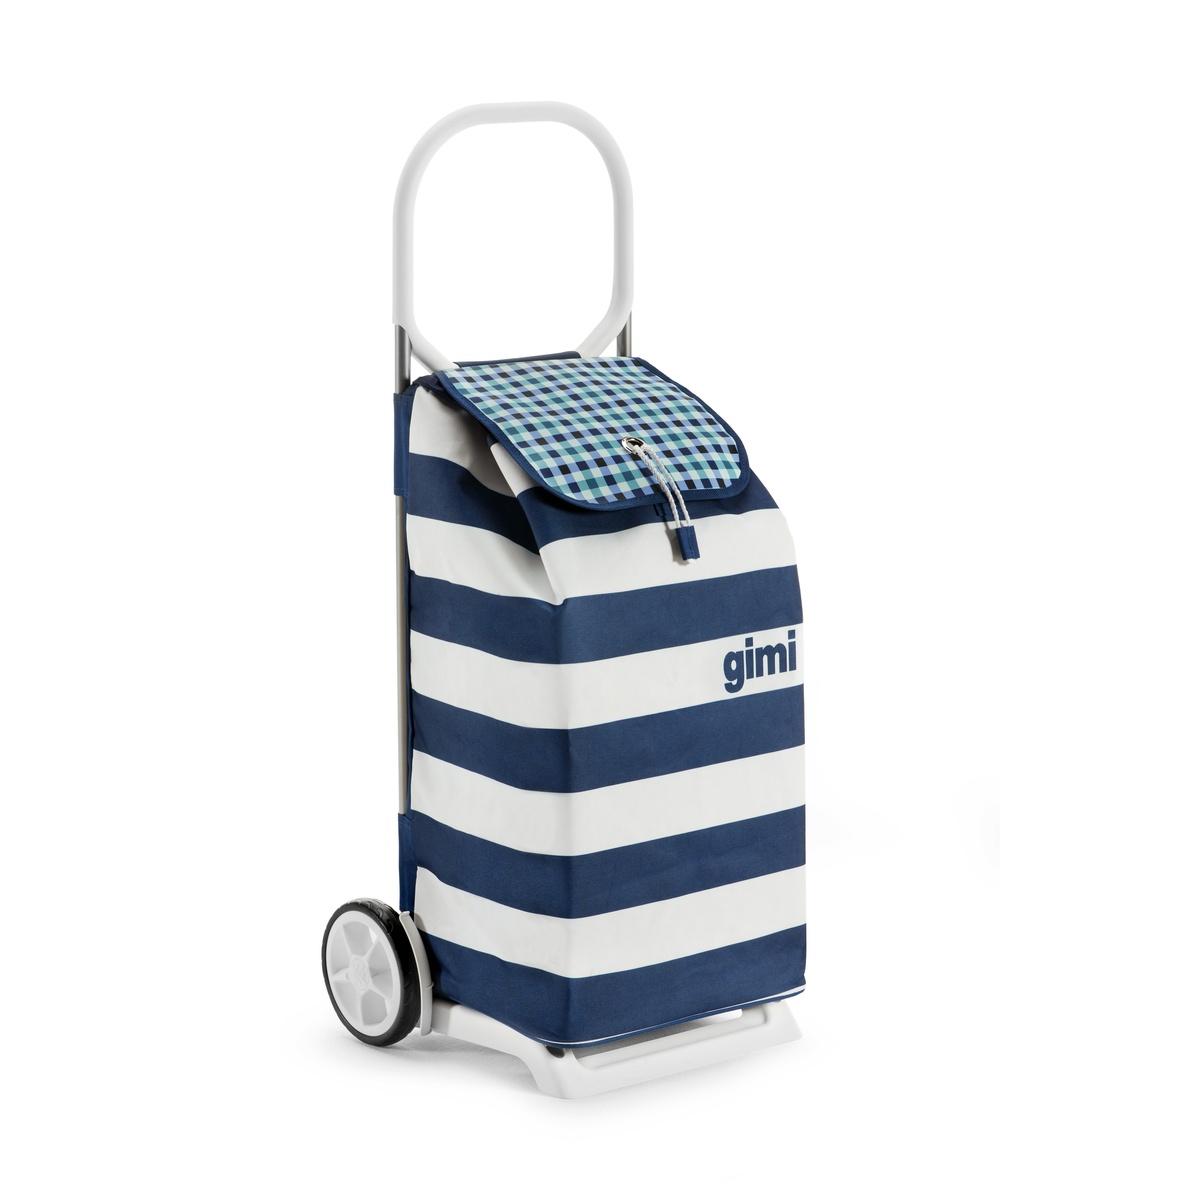 ITALO morská Gimi nákupní vozík